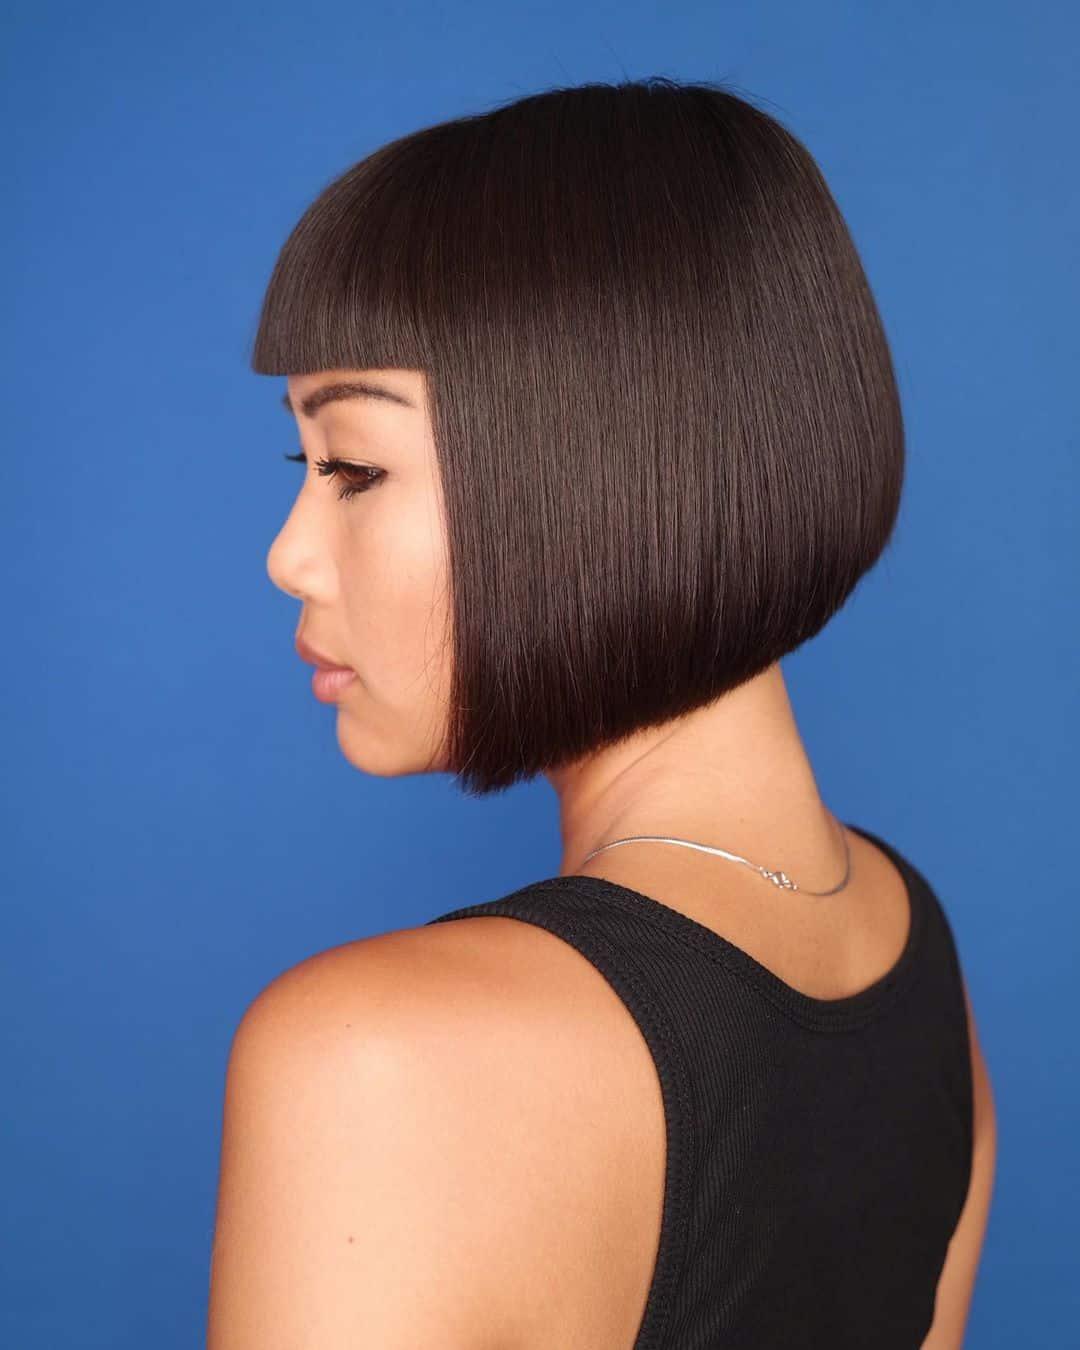 corte de pelo corto con flequillo contundente para chica asiática